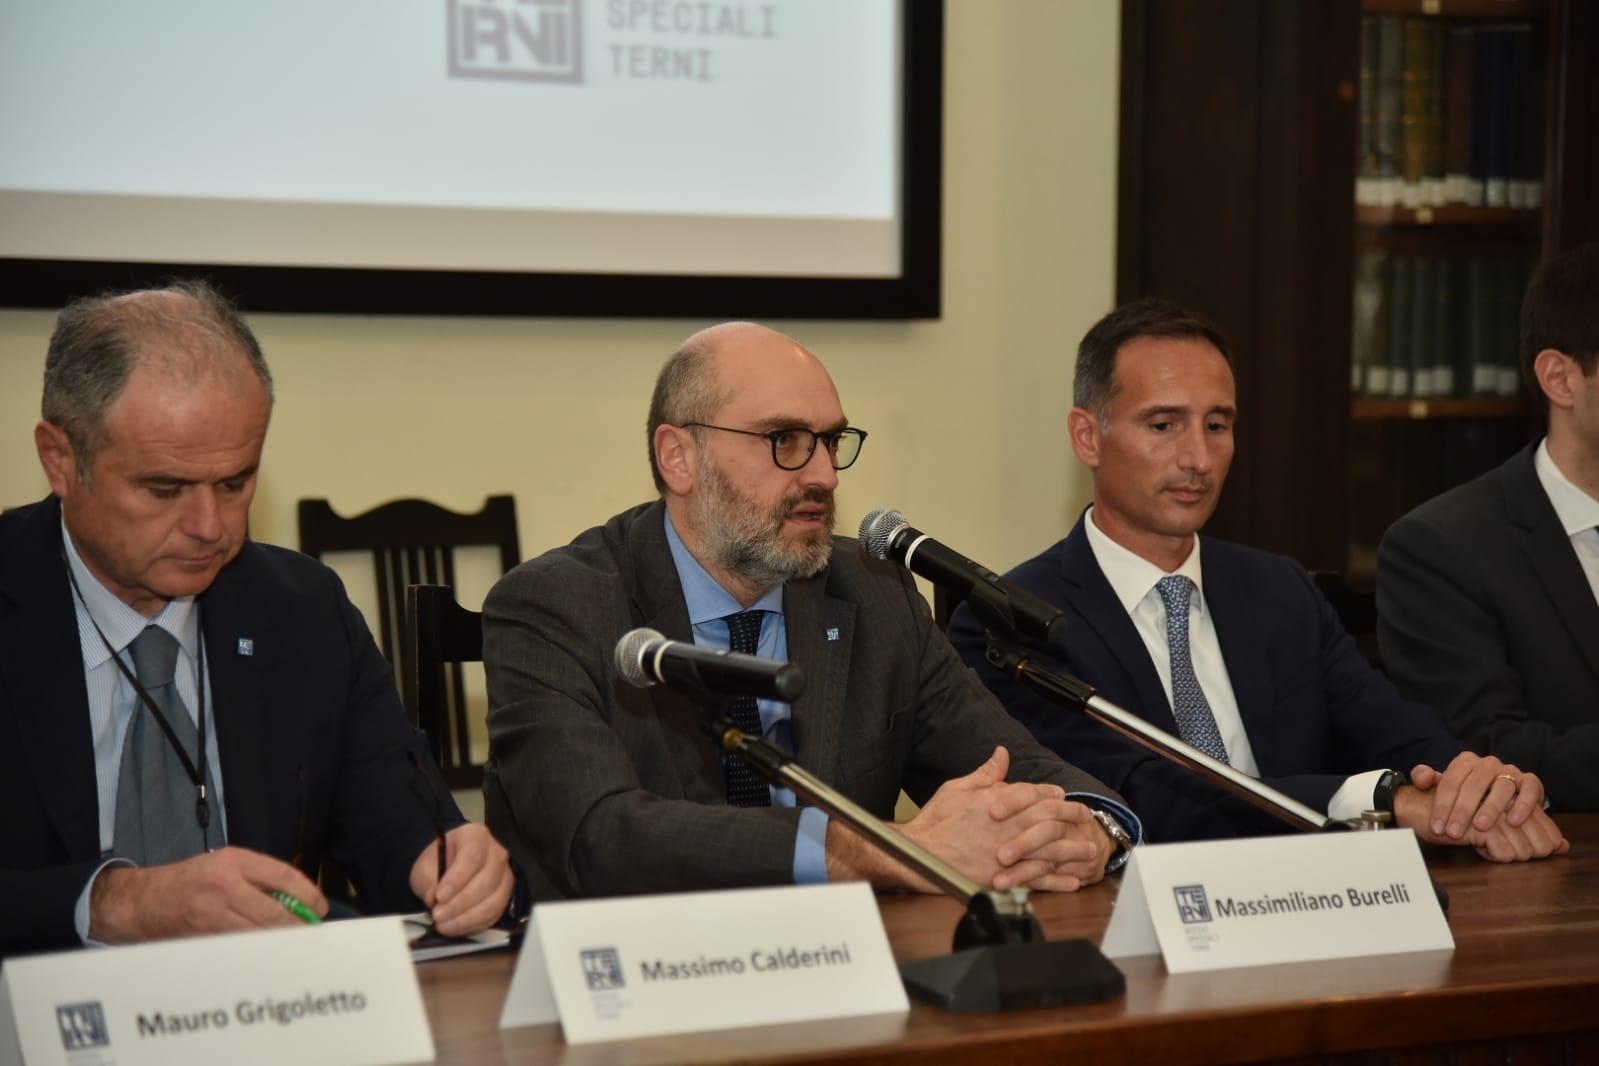 Massimiliano Burelli Avvenia AST Inaugurazione Nuovo Impianto Acciaio Terni 2019